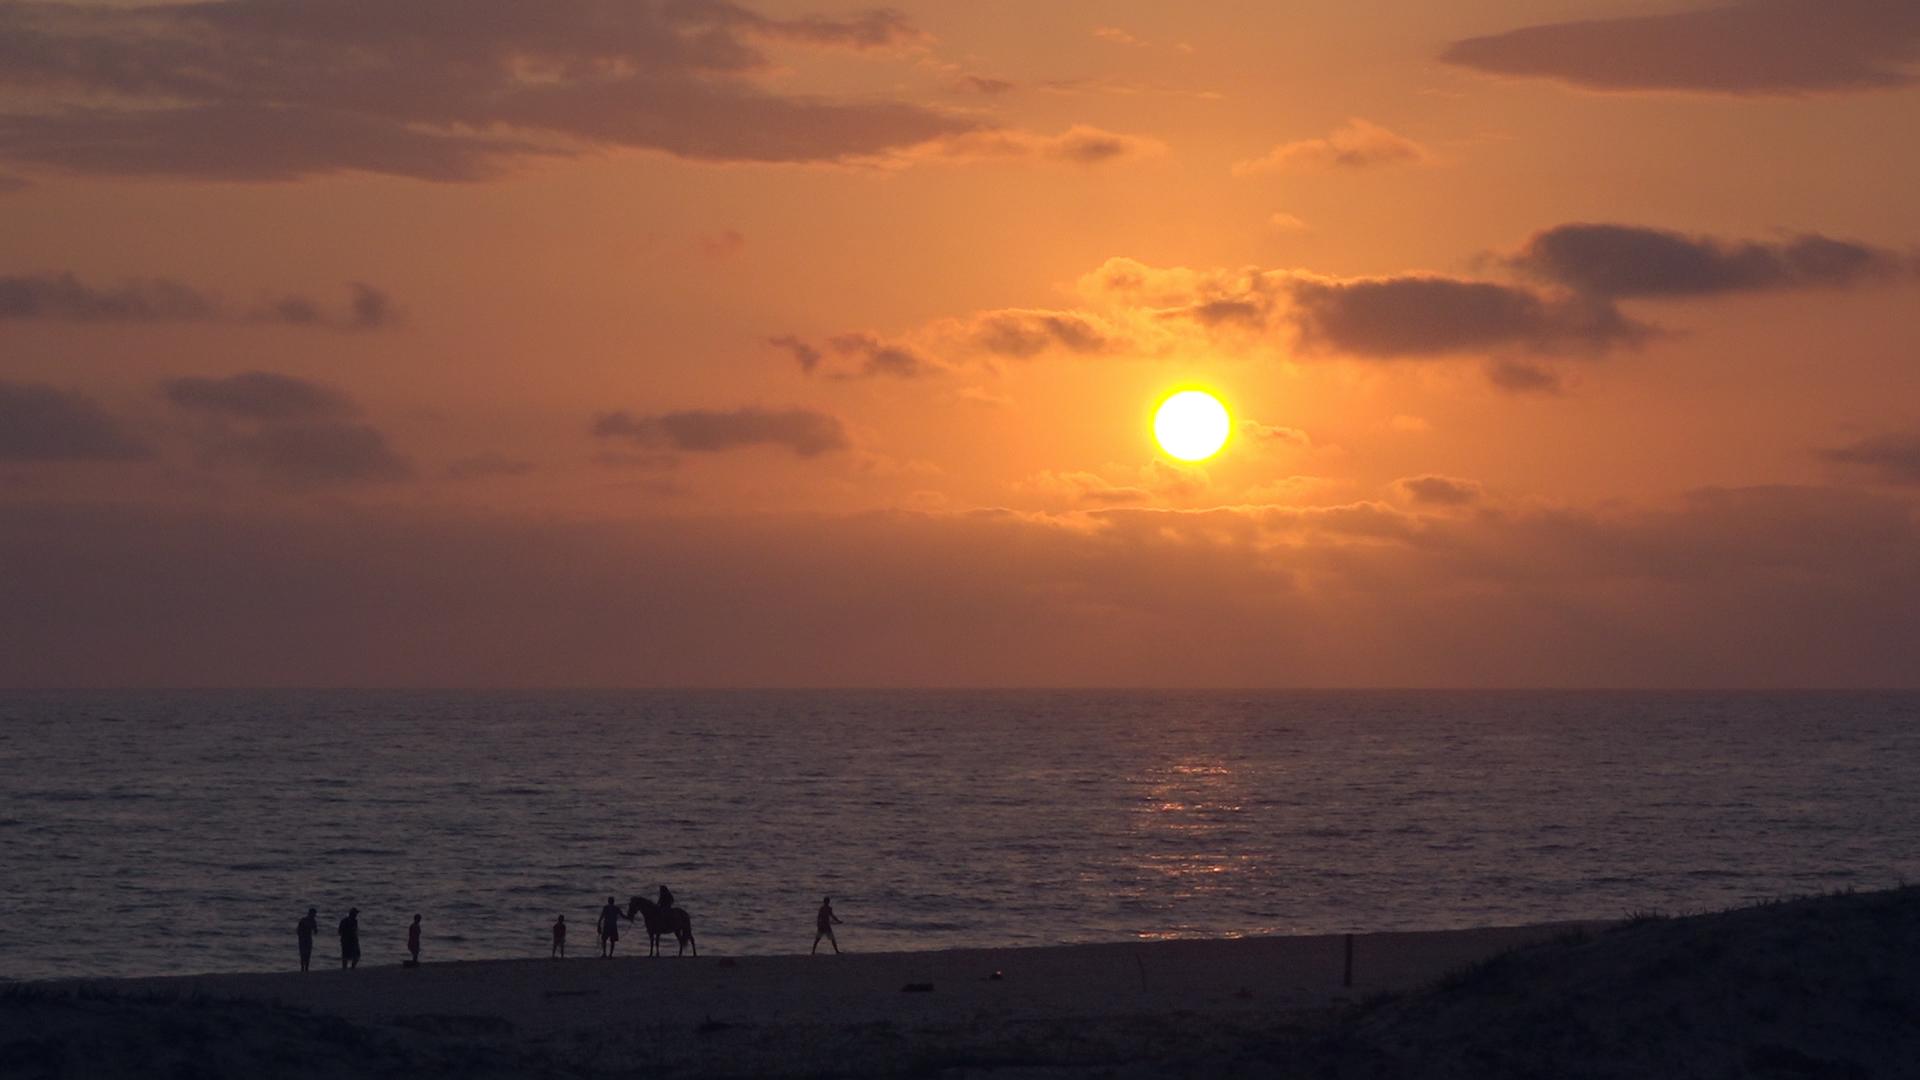 Baja Sur TV - @bajasurtv